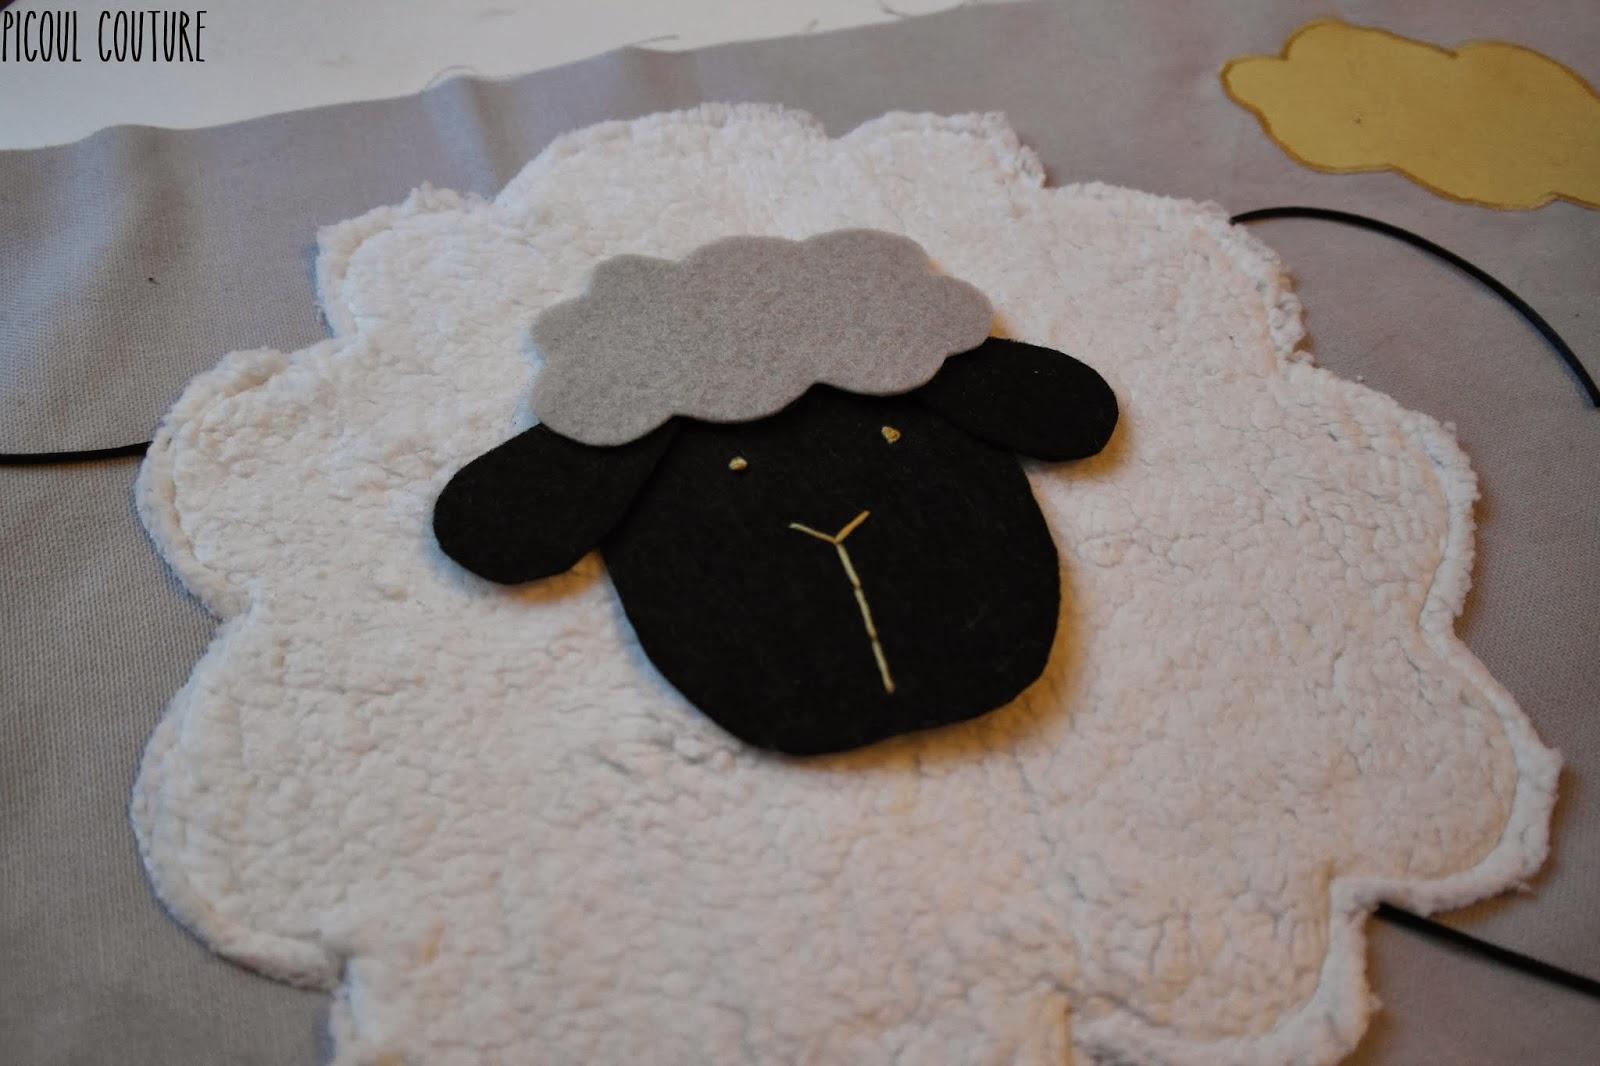 Picoul couture le tour de lit sur le th me moutons et - Tuto tour de lit ...